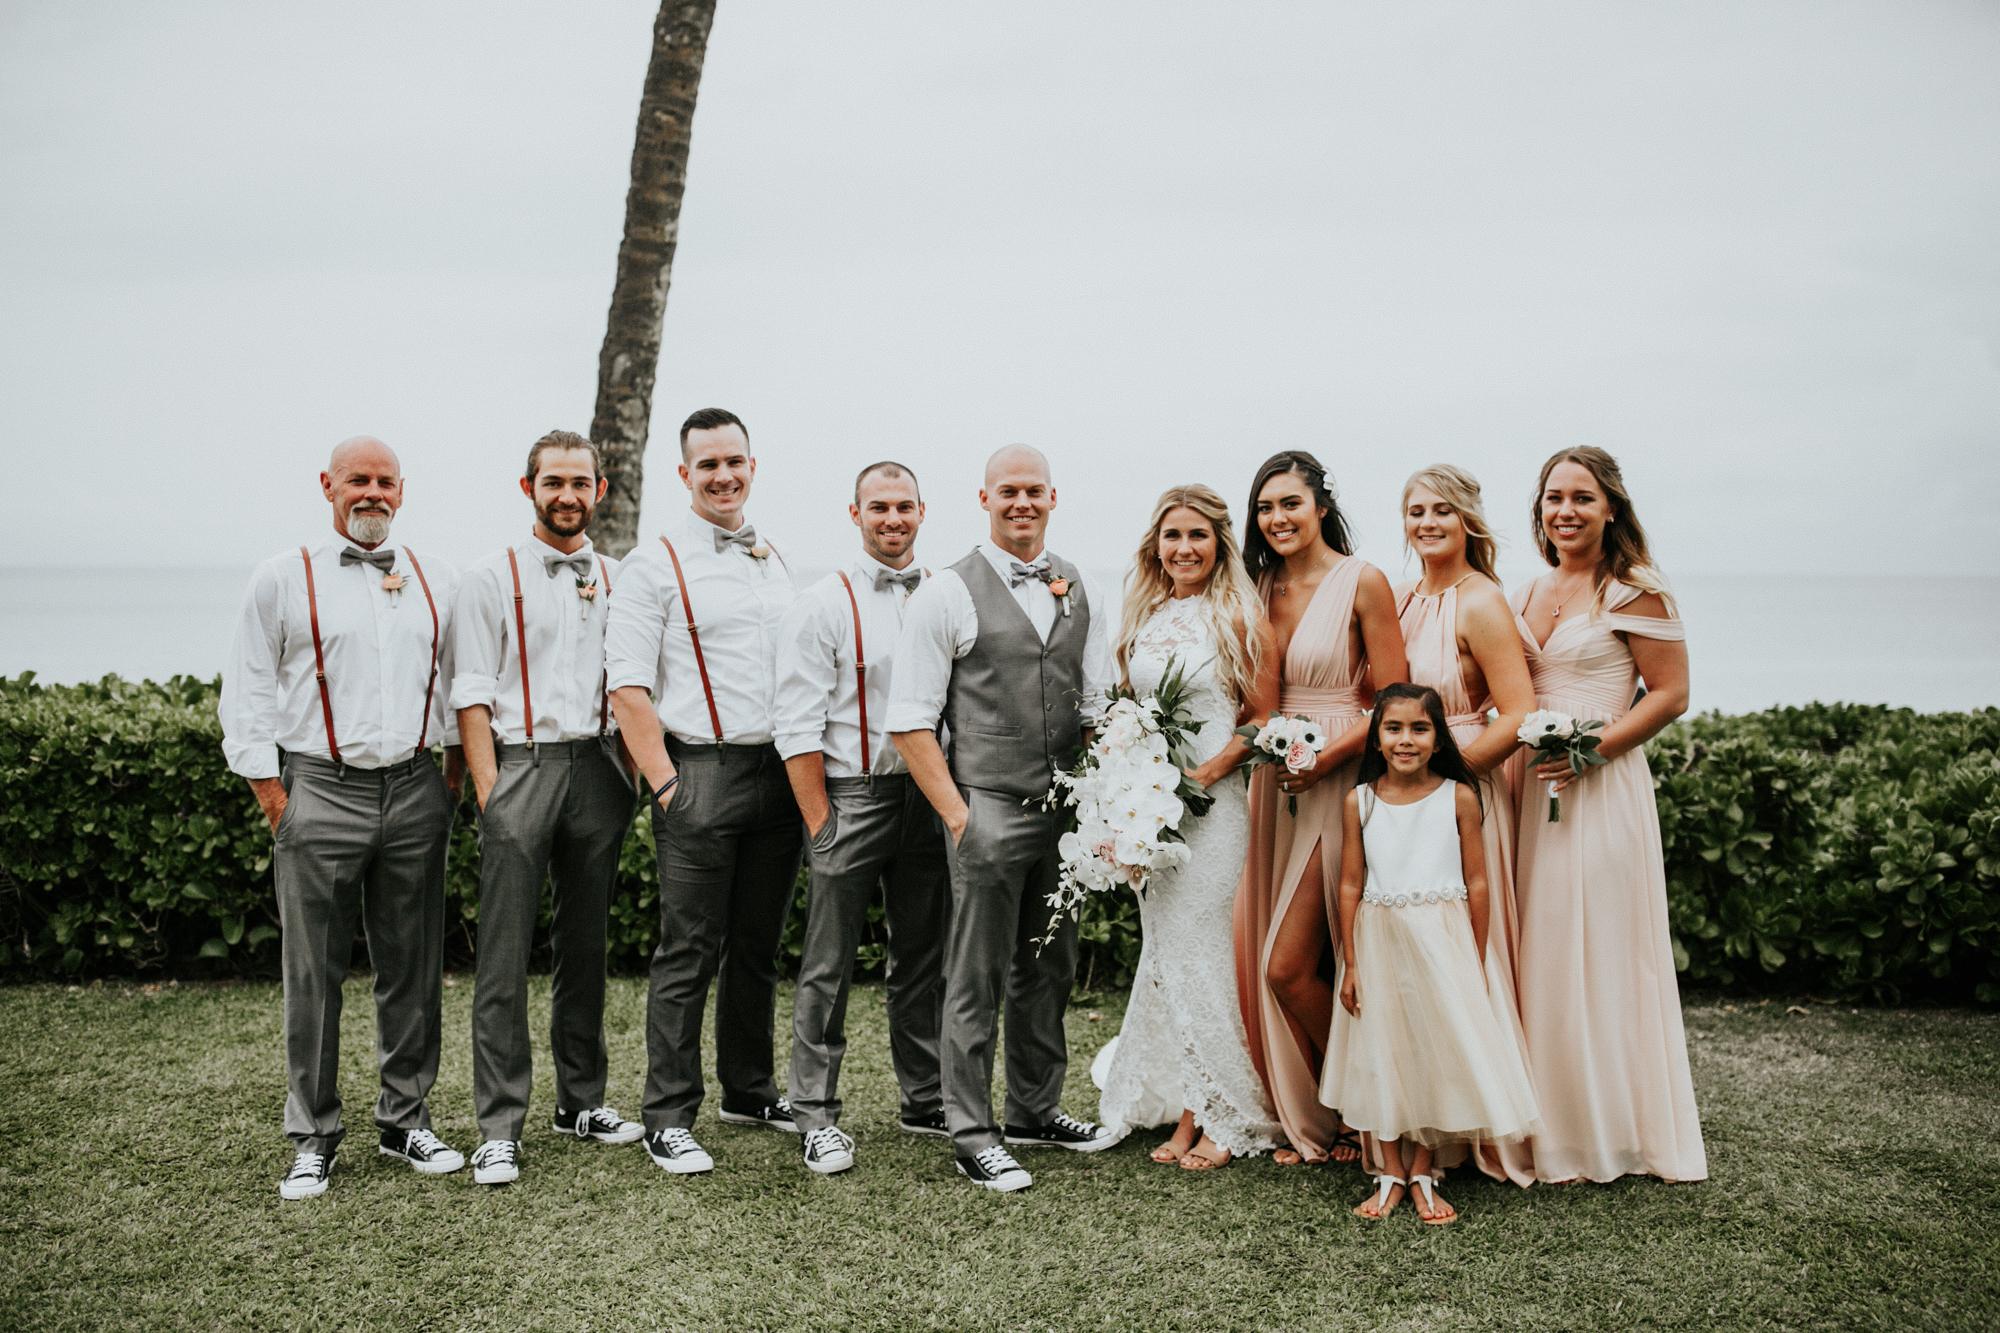 destination-wedding-photographer-hawaii-maui-elopement-55.jpg